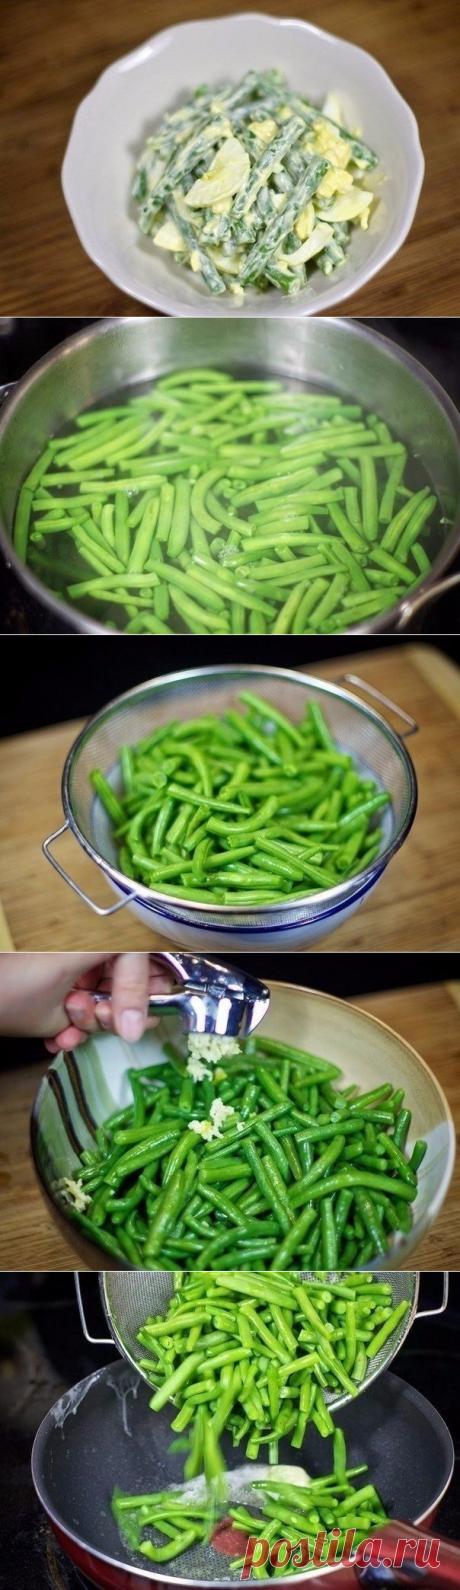 Как приготовить салат из зеленой фасоли с яйцами - рецепт, ингридиенты и фотографии